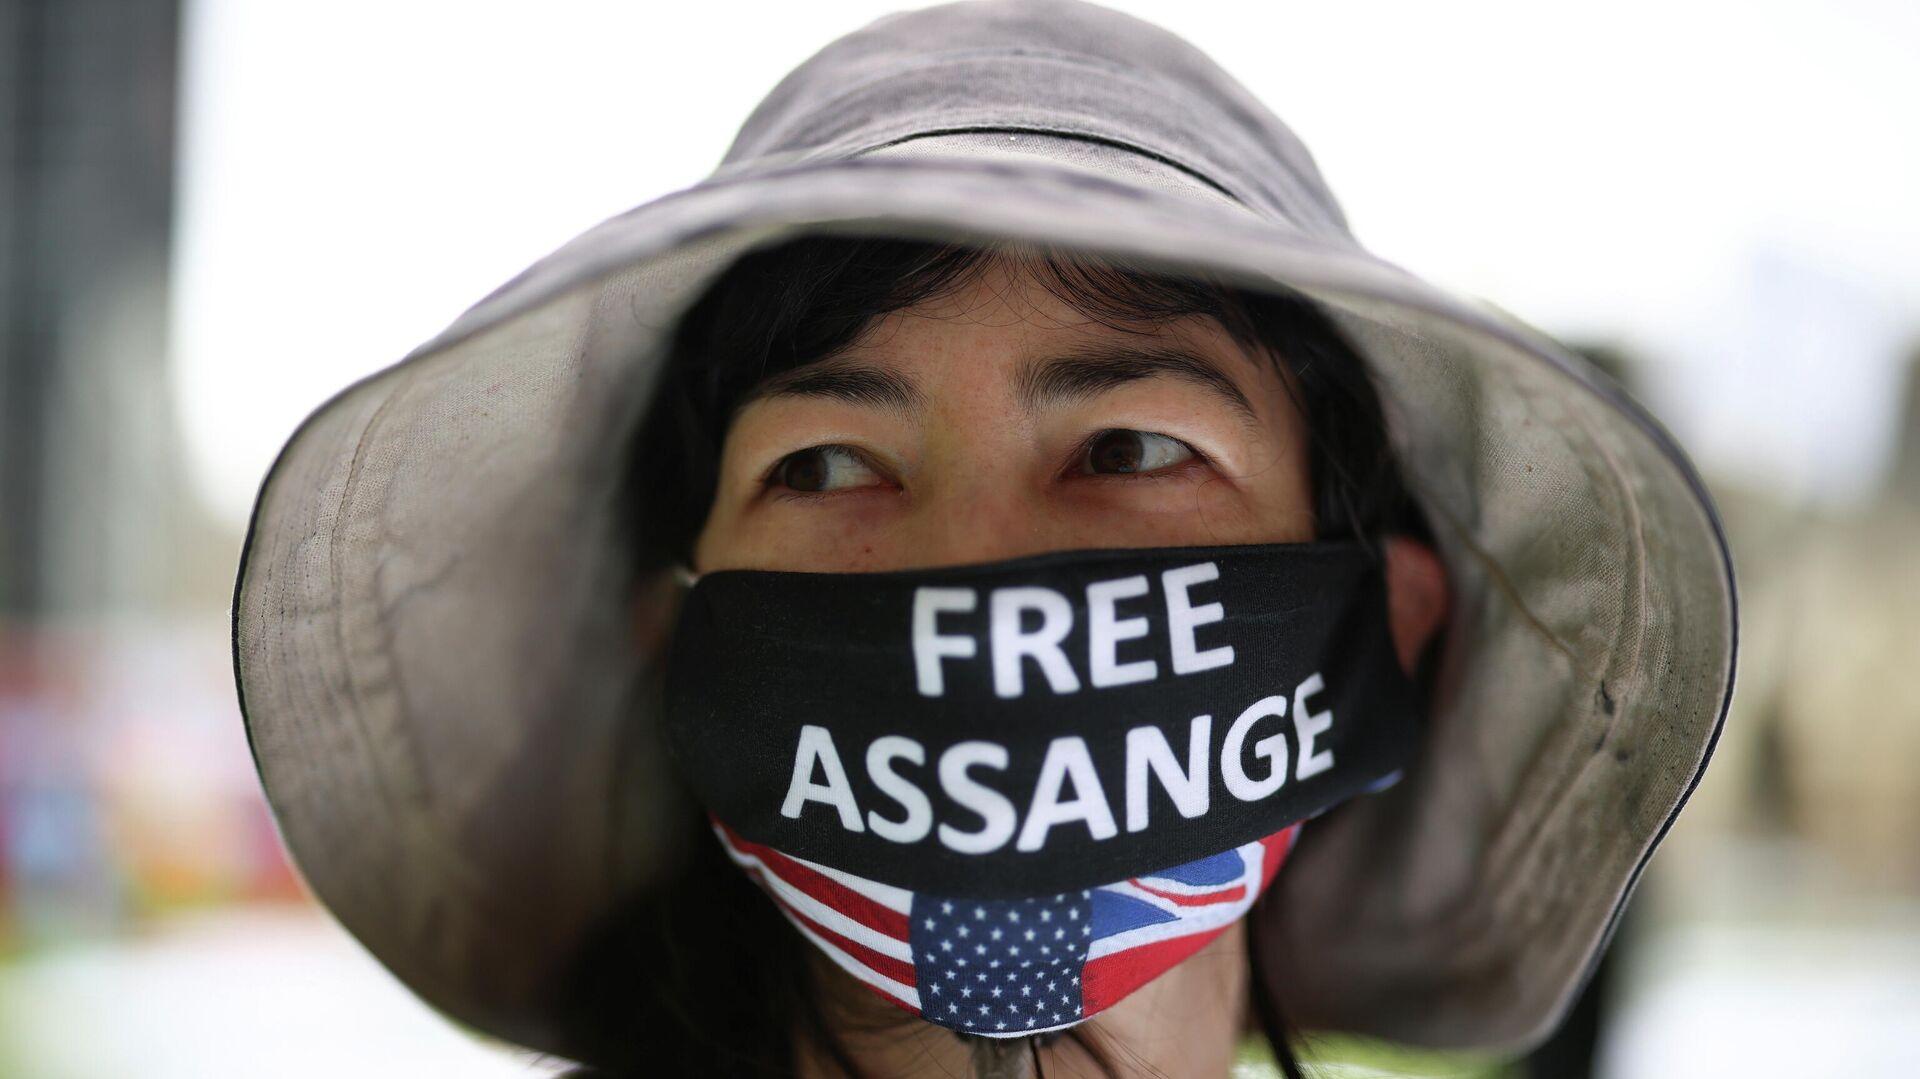 Eine Person trägt eine Maske während eines Picknick-Protestes zum 50. Geburtstag des Wikileaks-Gründers Julian Assange auf dem Parliament Square in London, Großbritannien, 3. Juli 2021.  - SNA, 1920, 12.07.2021